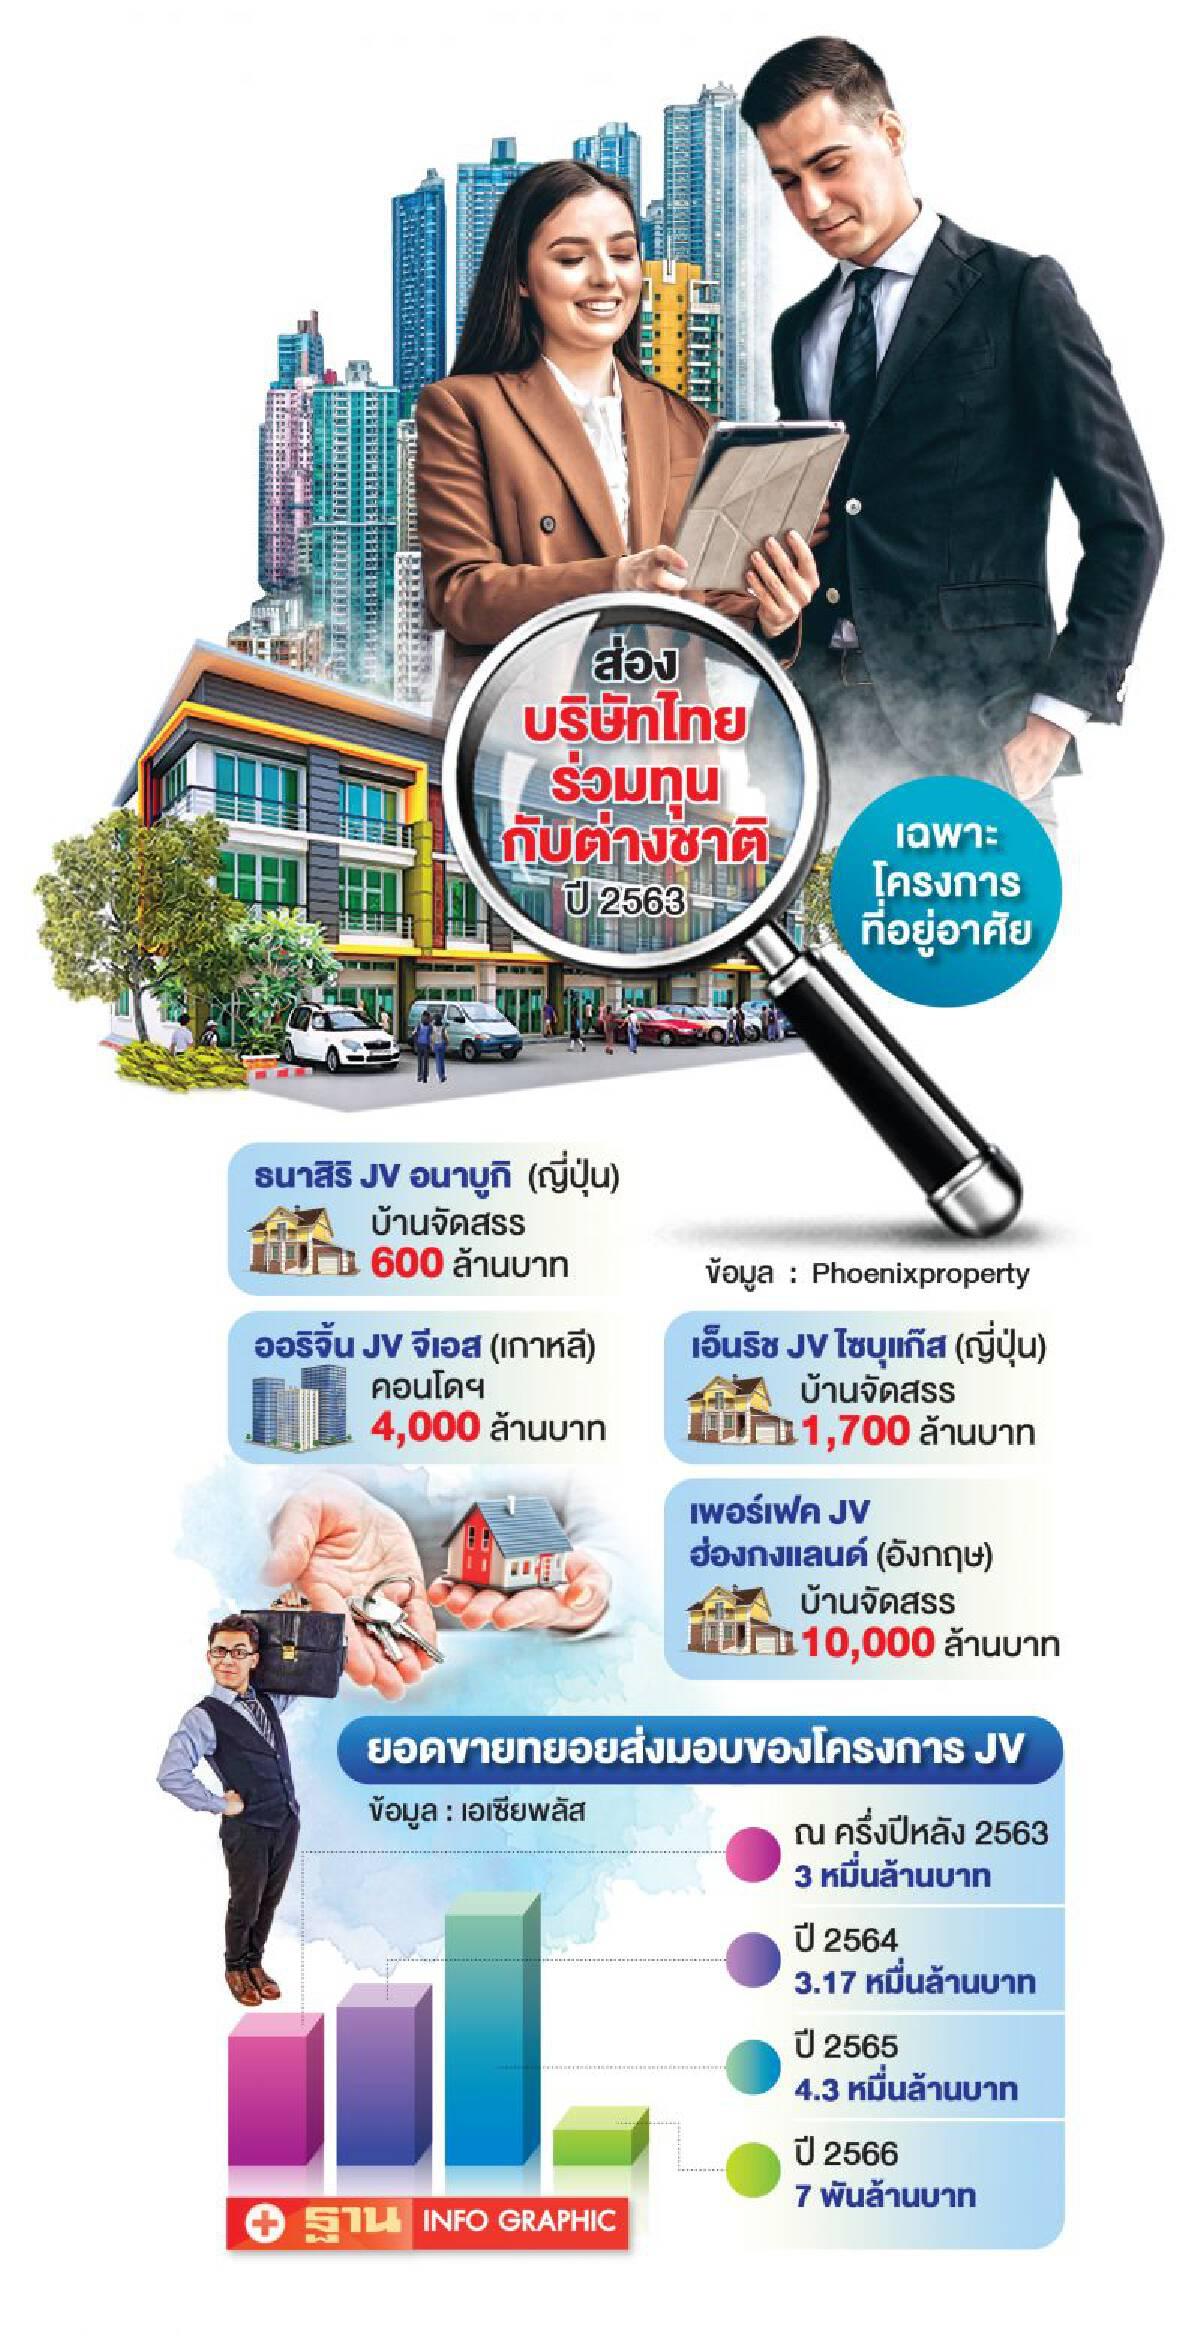 ส่องบริษัทไทยร่วมทุนกับต่างชาติ ปี 2563